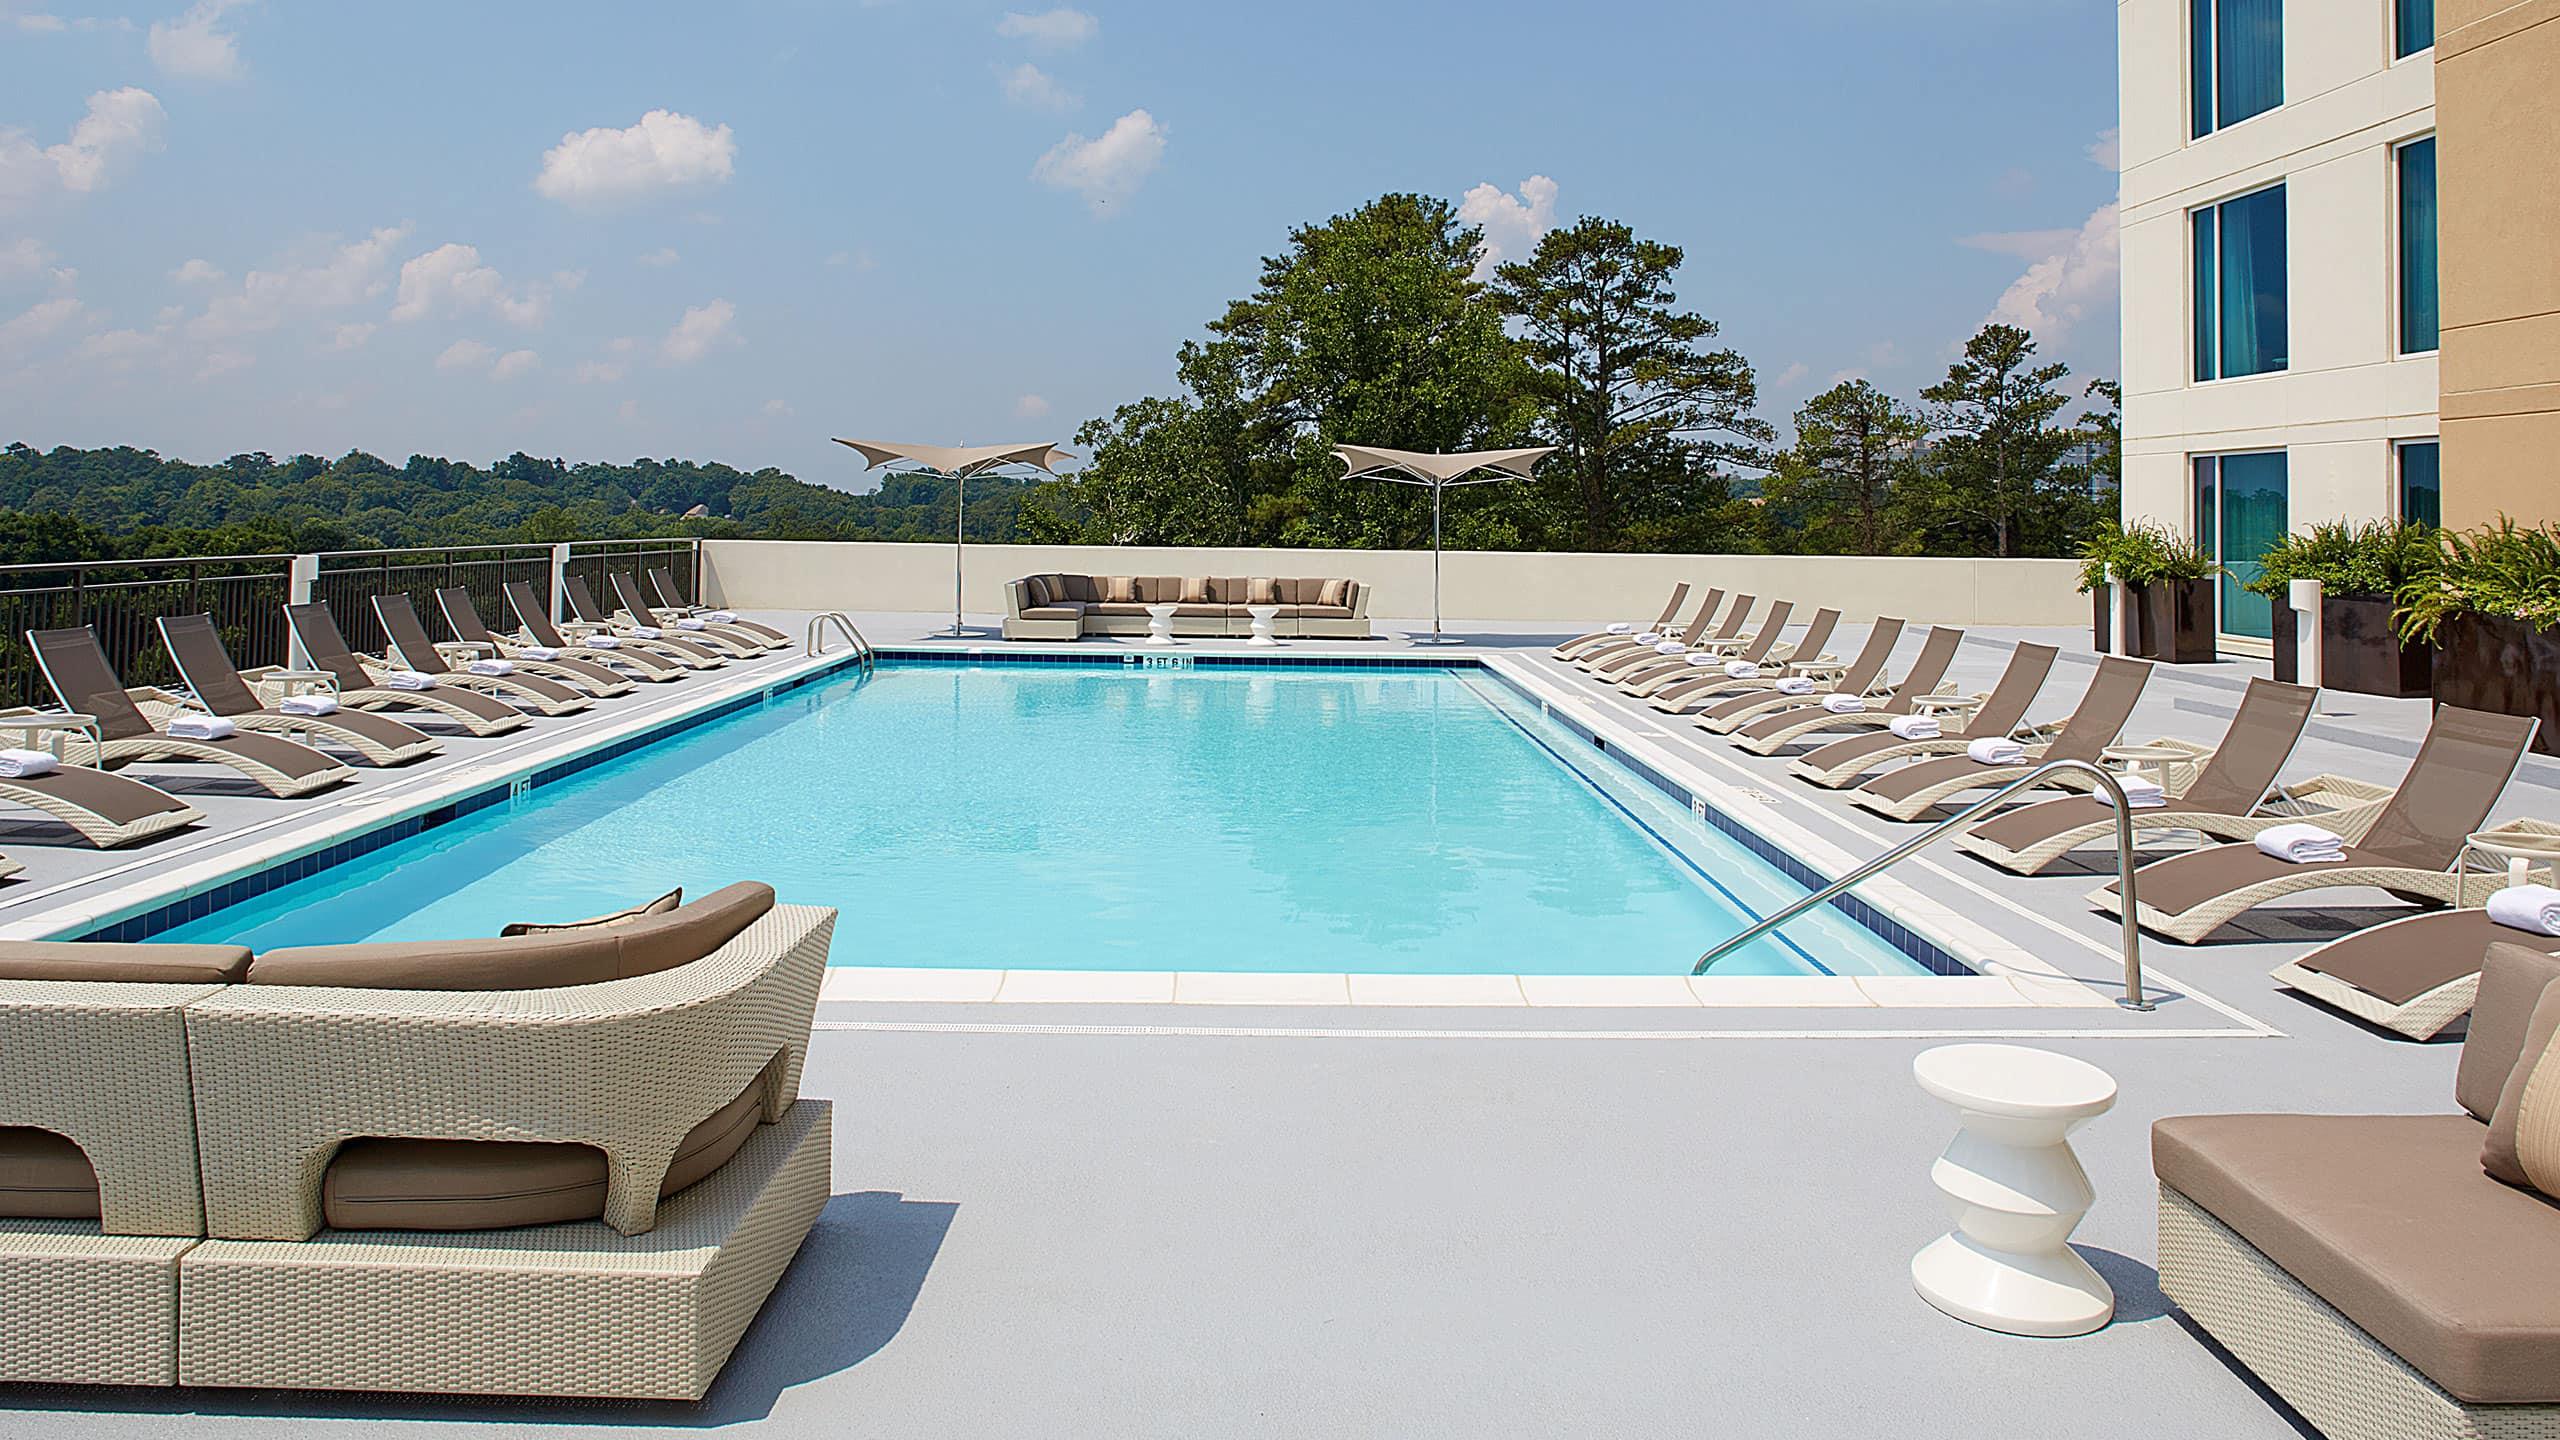 Pool Day Hyatt Regency Atlanta Perimeter At Villa Christina